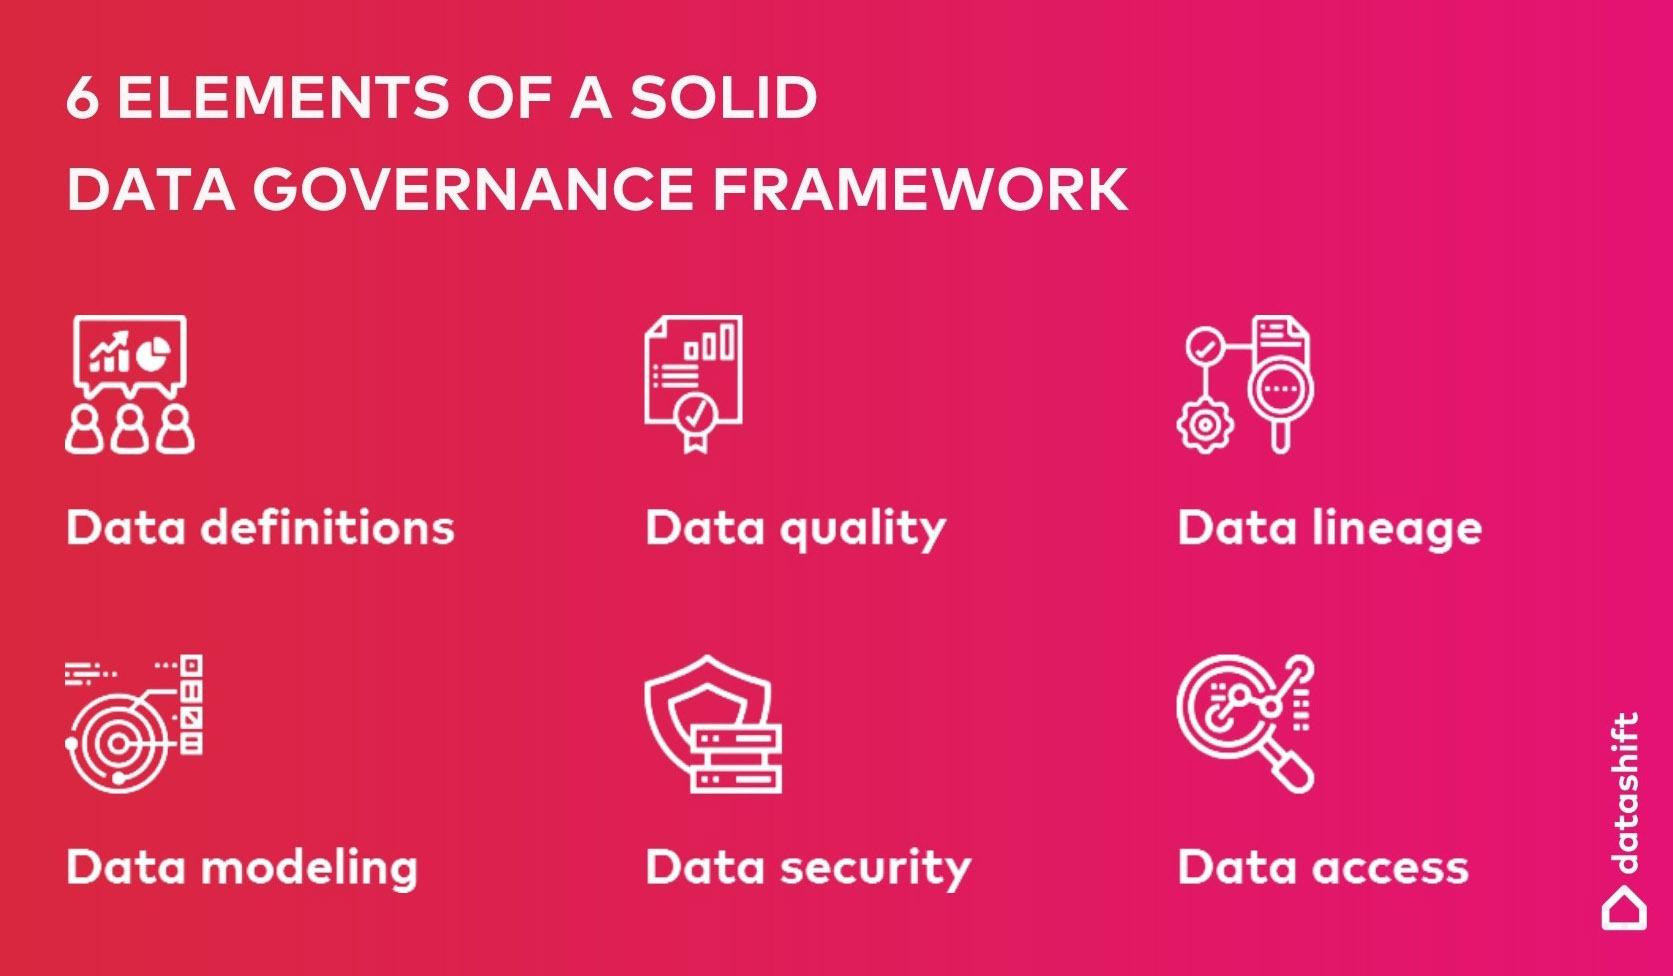 elements of solid data governance framework